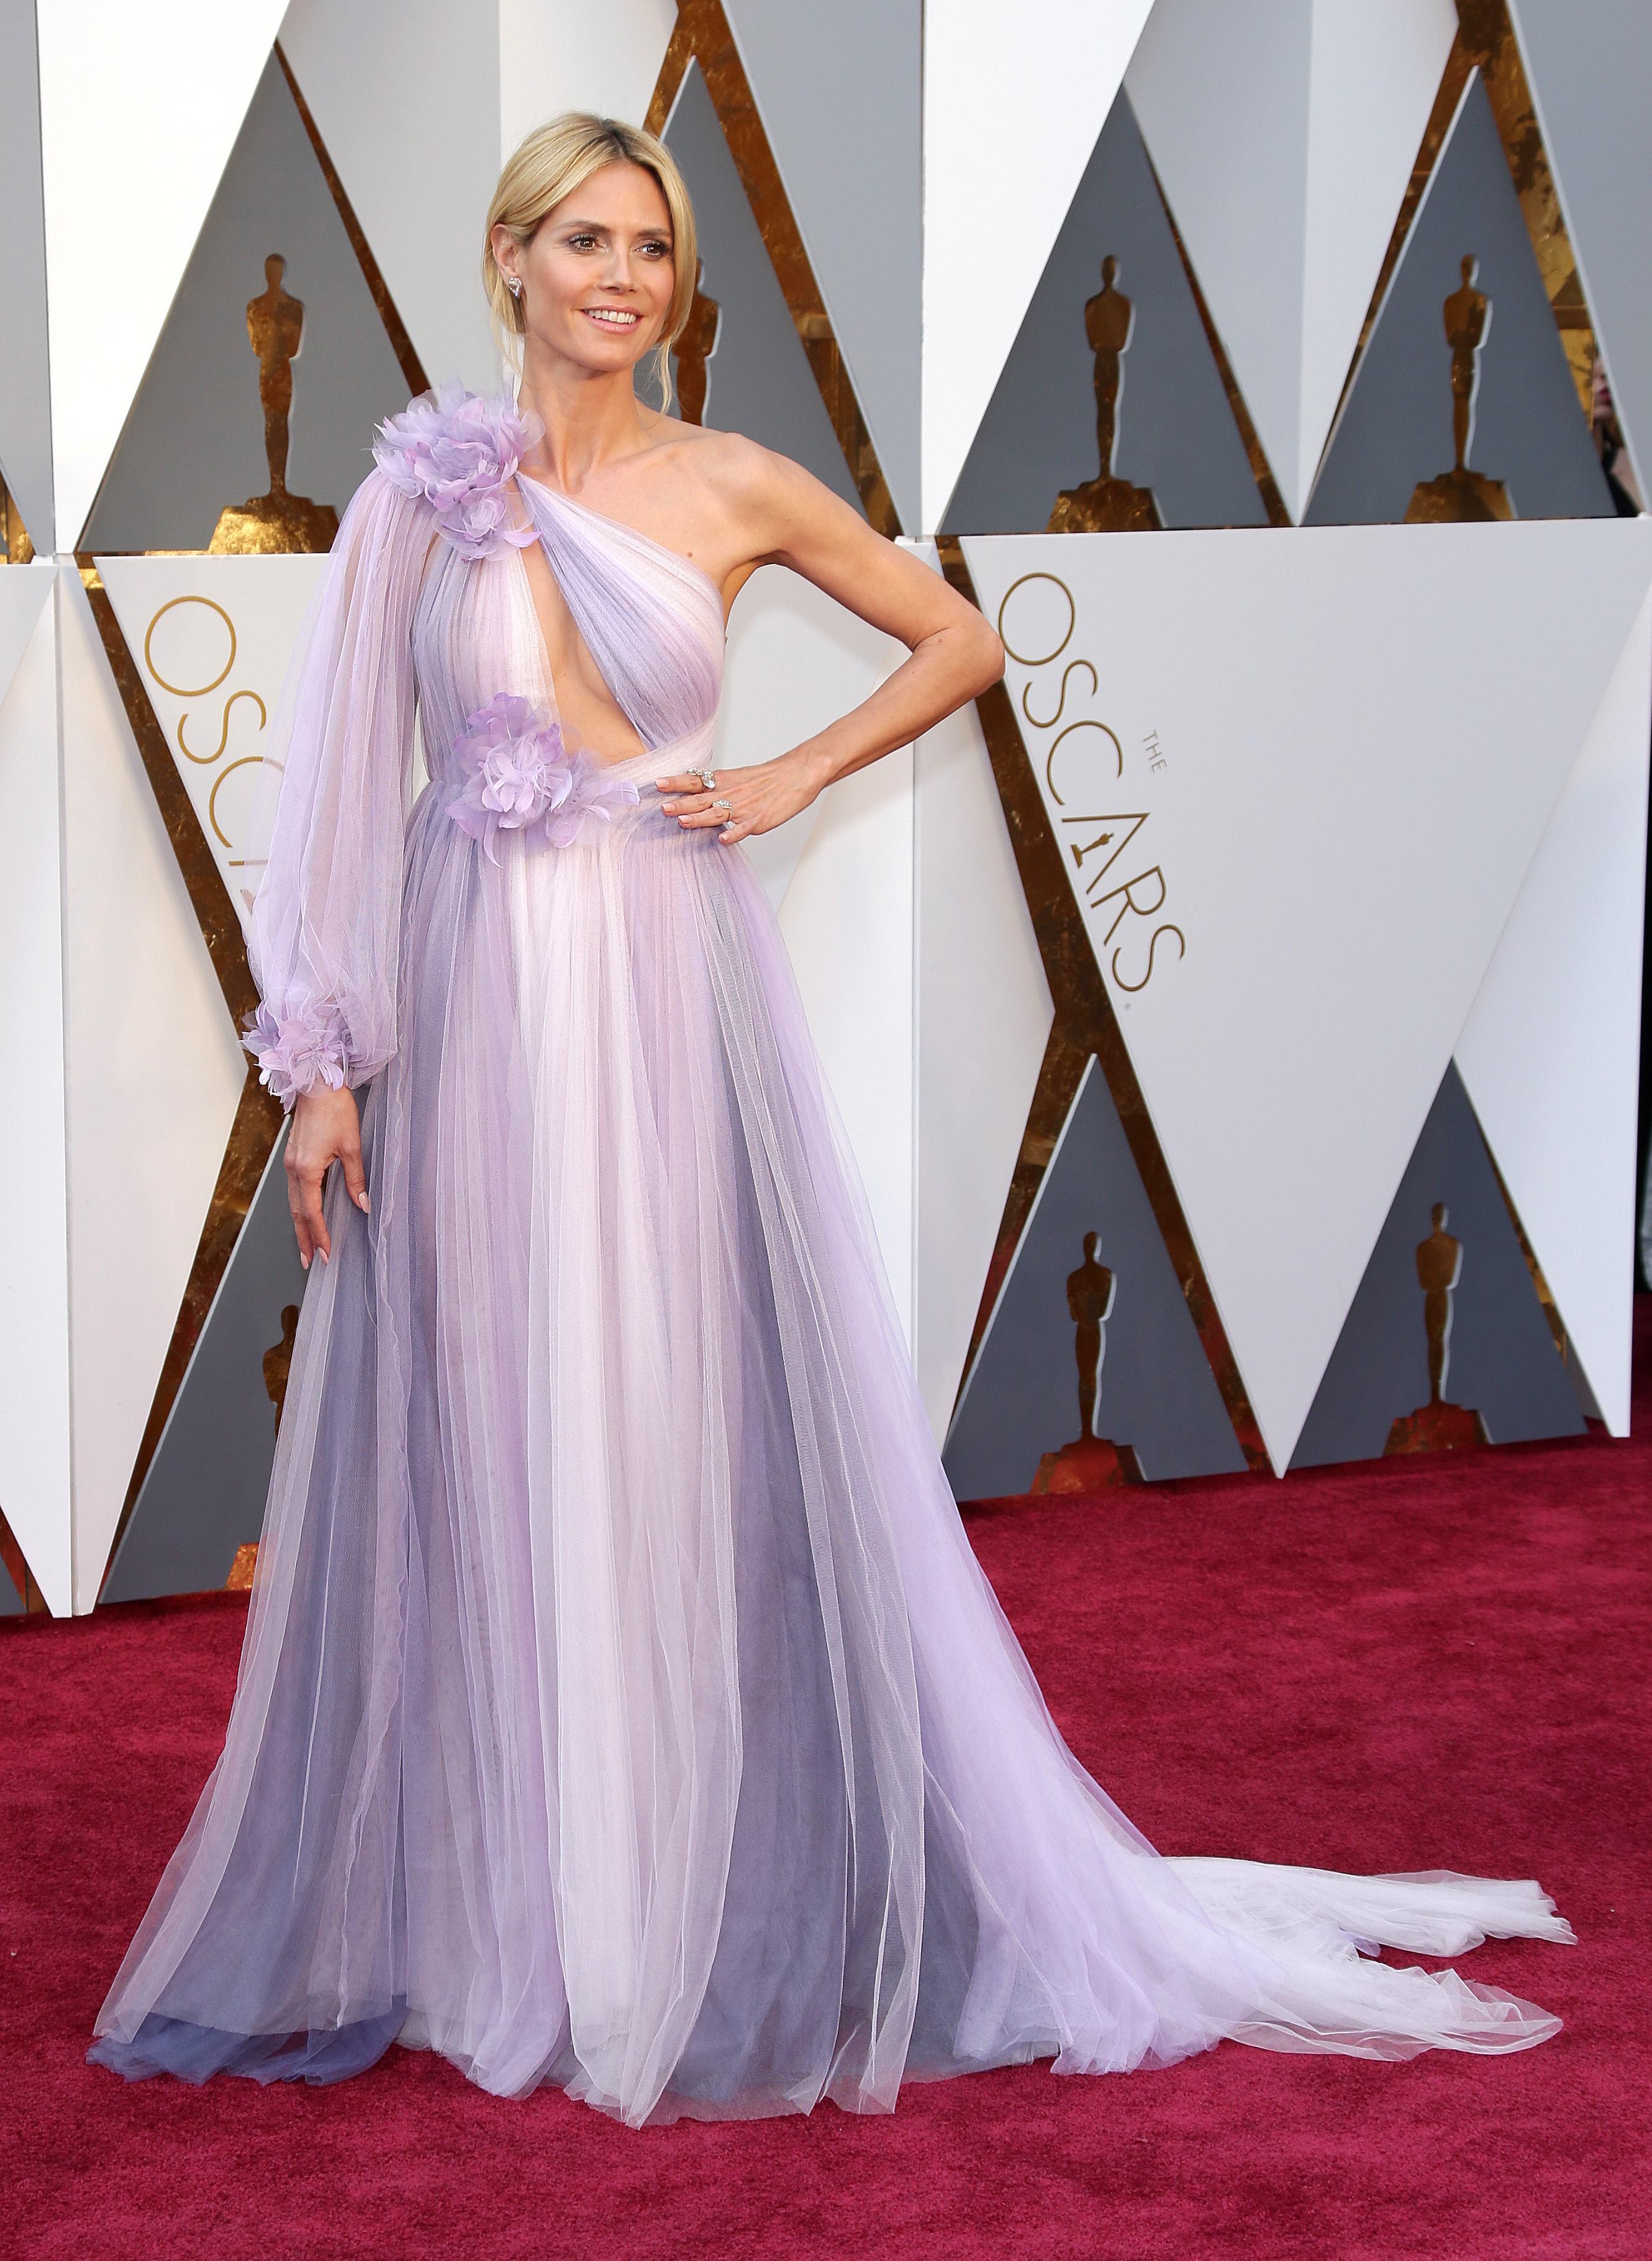 Heidi Klum a fost confundată cu o domnișoară de onoare la Oscar 2016